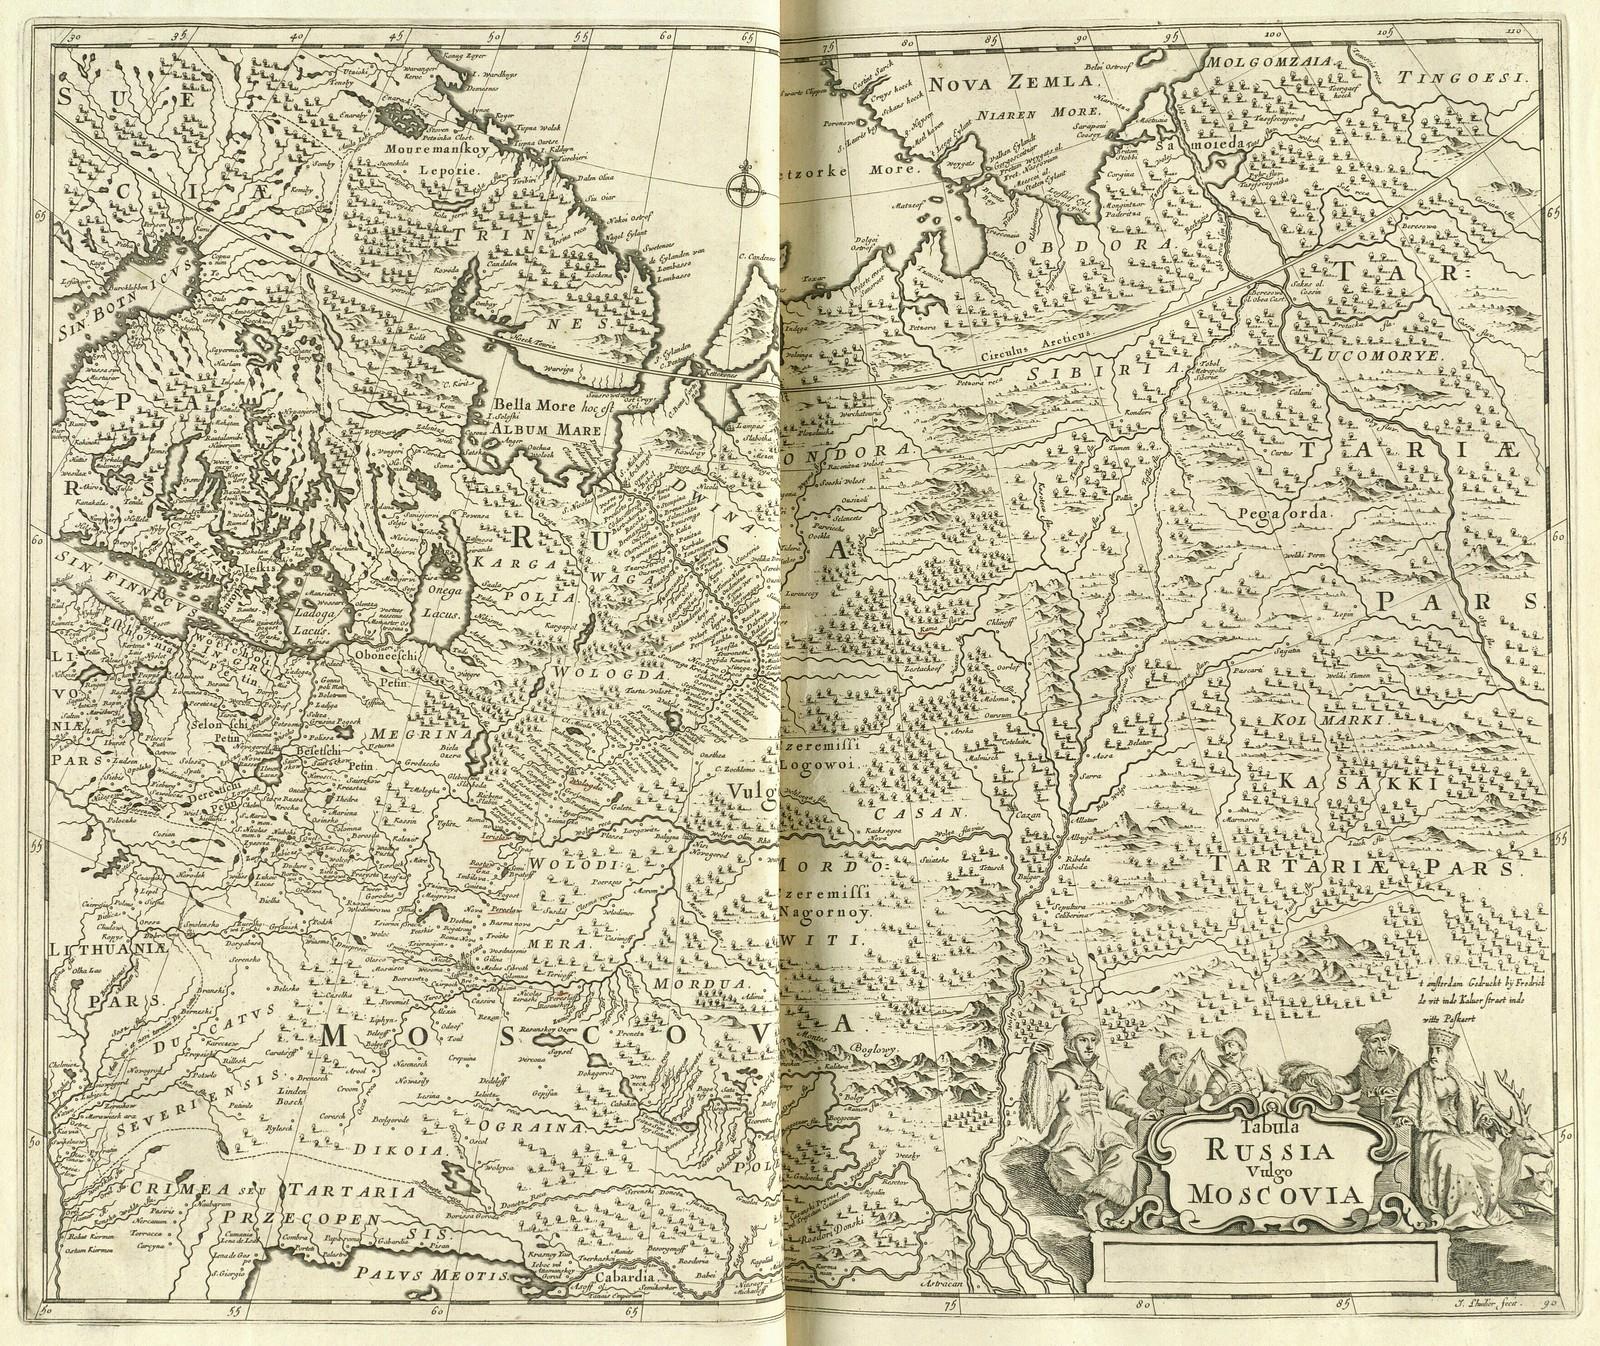 1680. Карта России обычно называемой Московия, Фредерик де Гилье, Ян Вит, Амстердам.